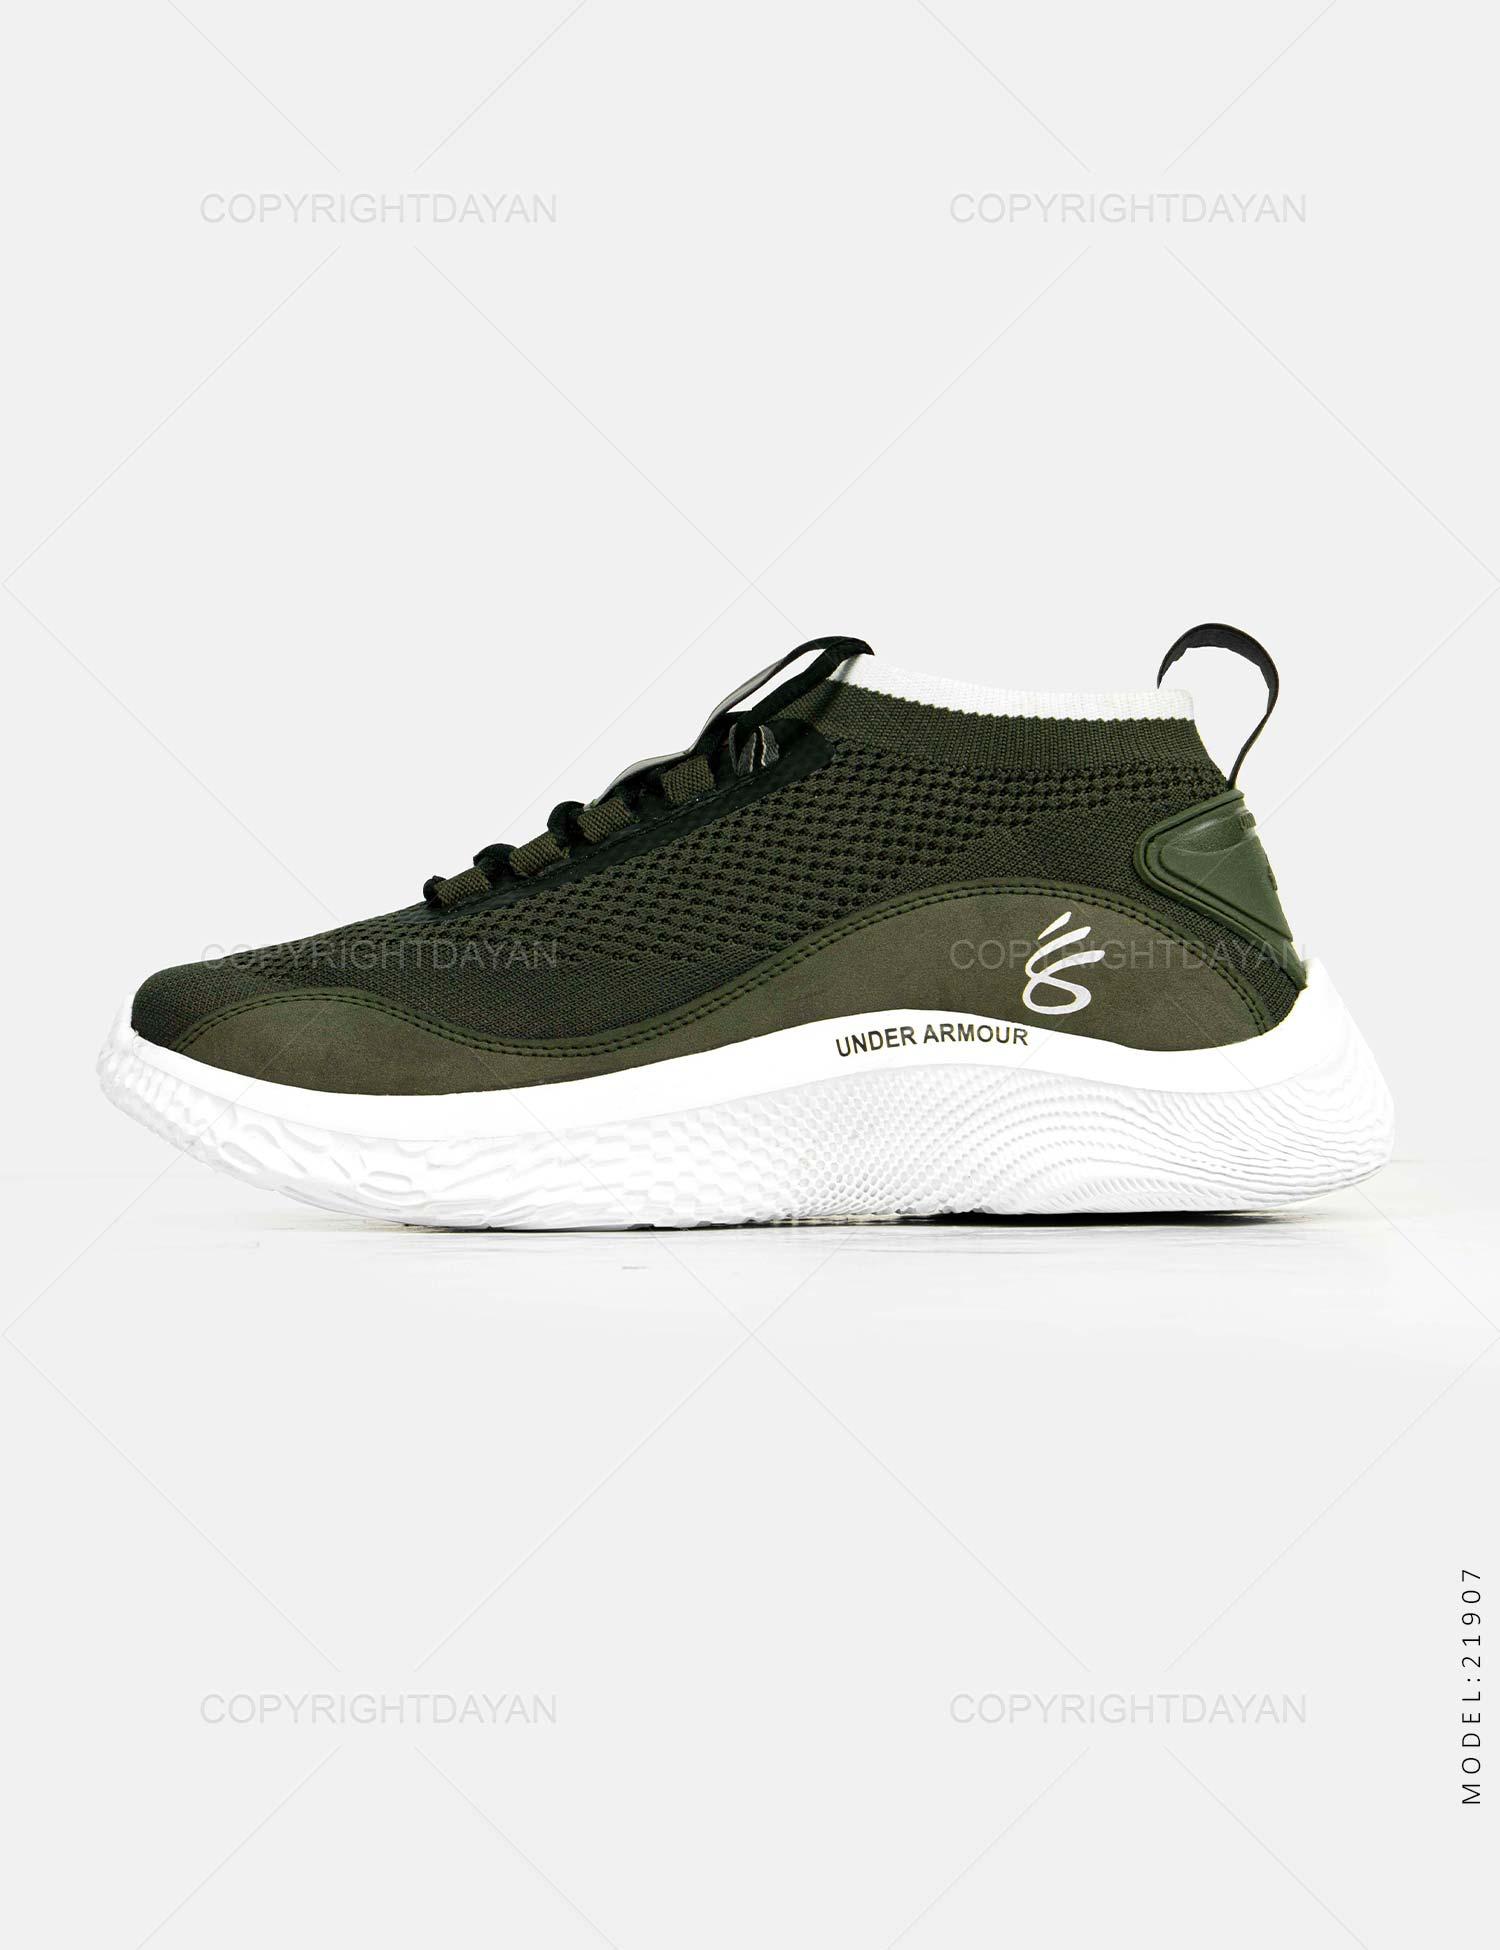 کفش ورزشی مردانه Under Armour مدل 21907 کفش ورزشی مردانه Under Armour مدل 21907 269,000 تومان